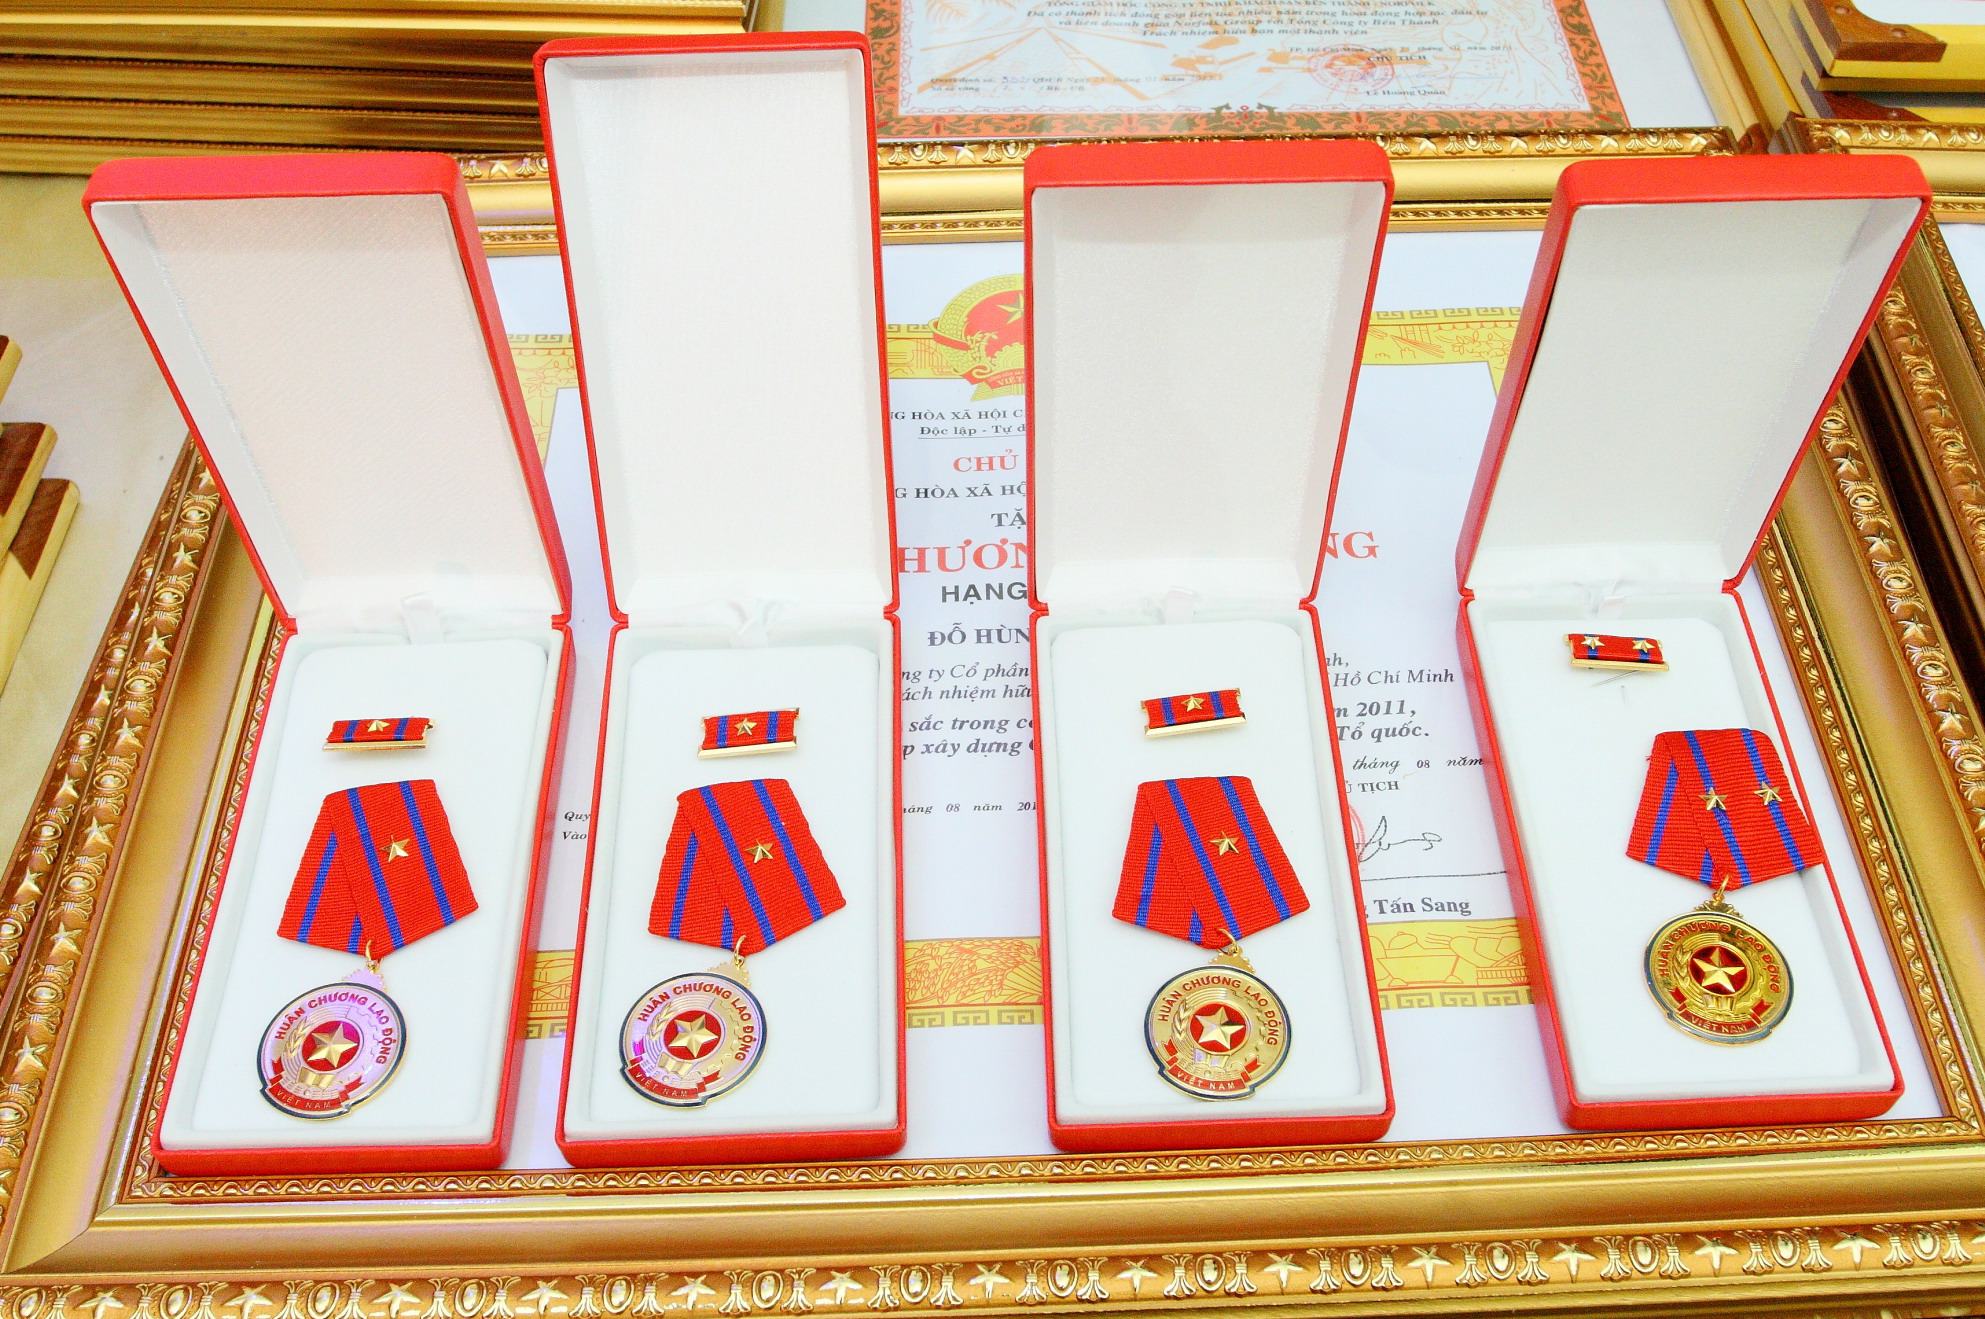 Huân chương và huy chương